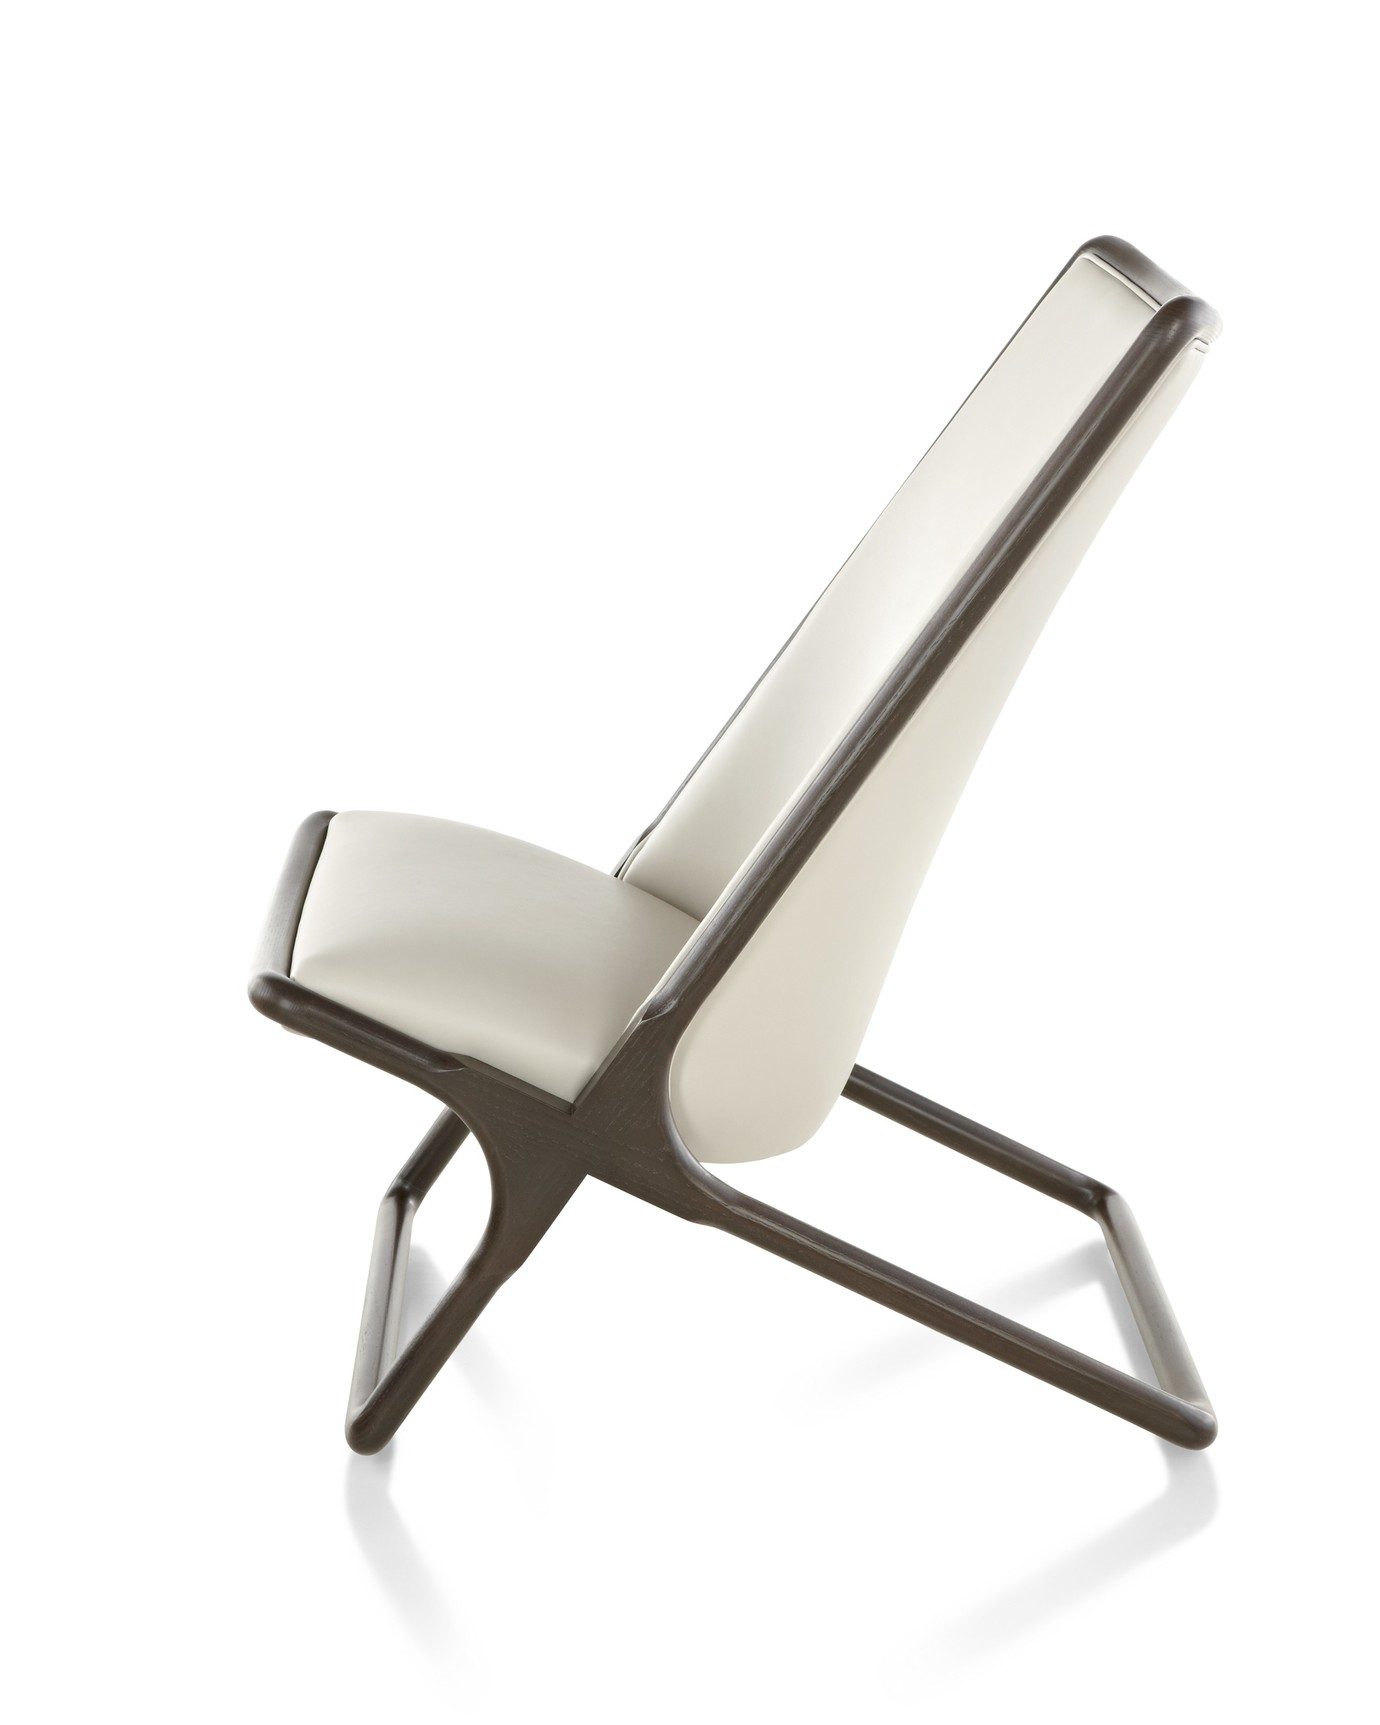 4-Silla-Lounge-Scissor-Lateral-1380